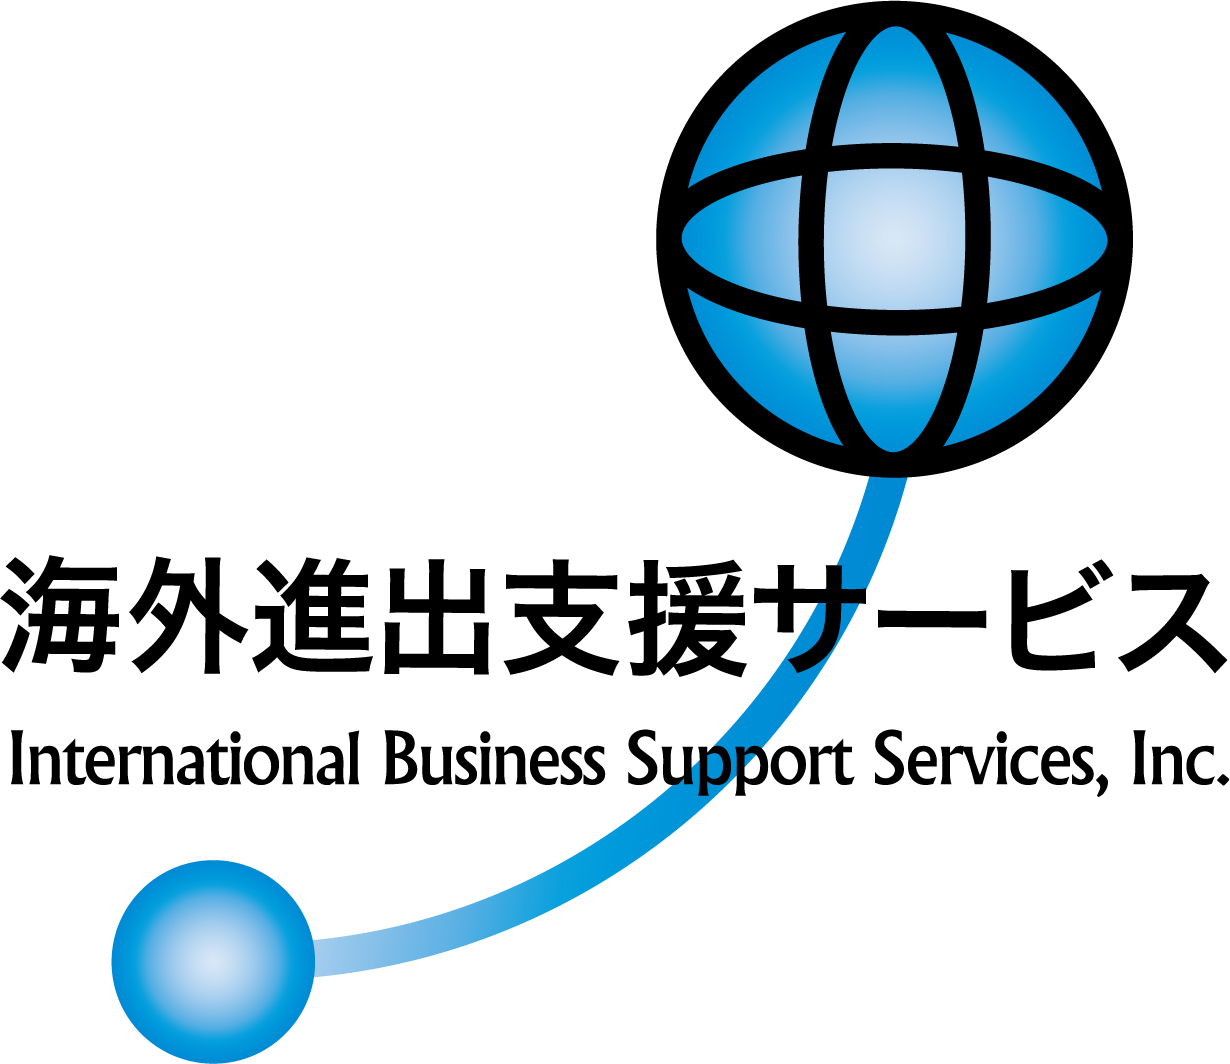 株式会社海外進出支援サービス(IBSS JAPAN)